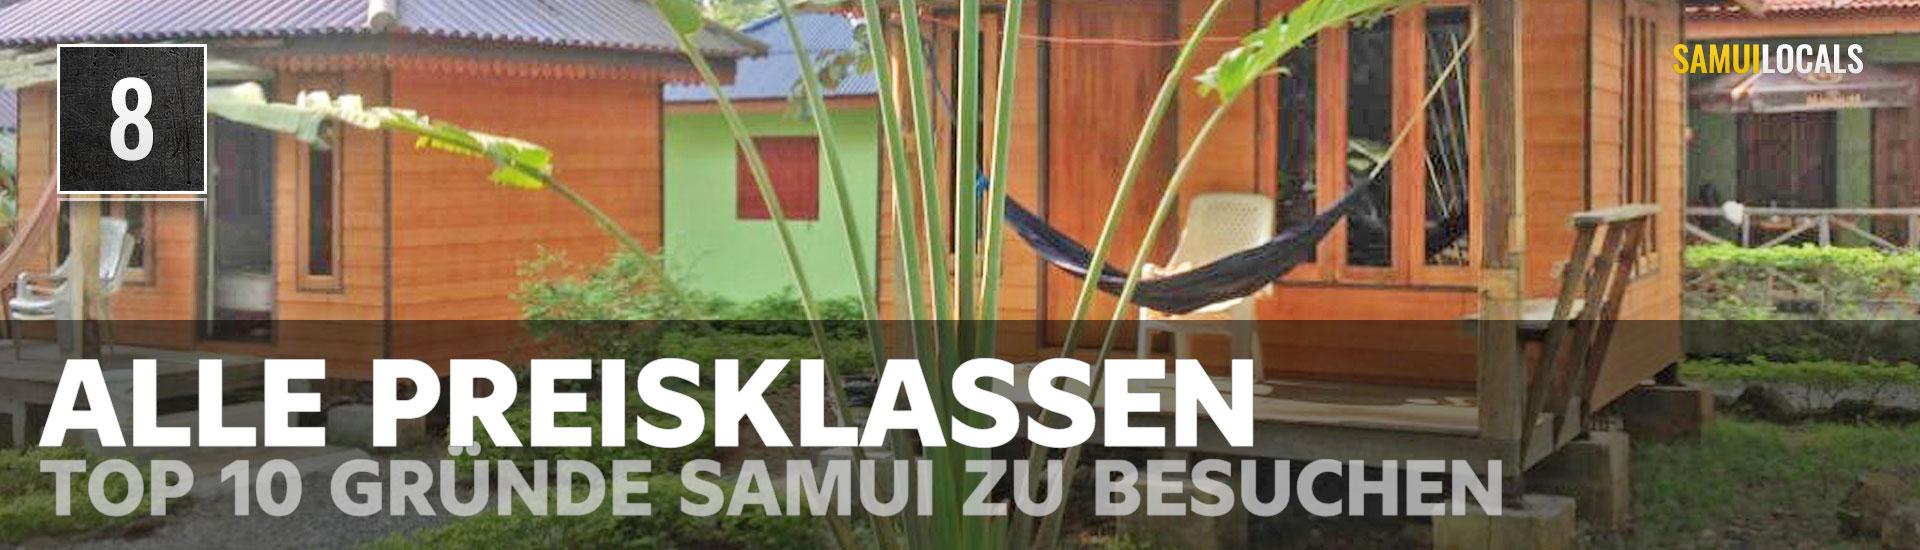 top_10_gruende_samui_zu_besuchen_alle_preisklassen